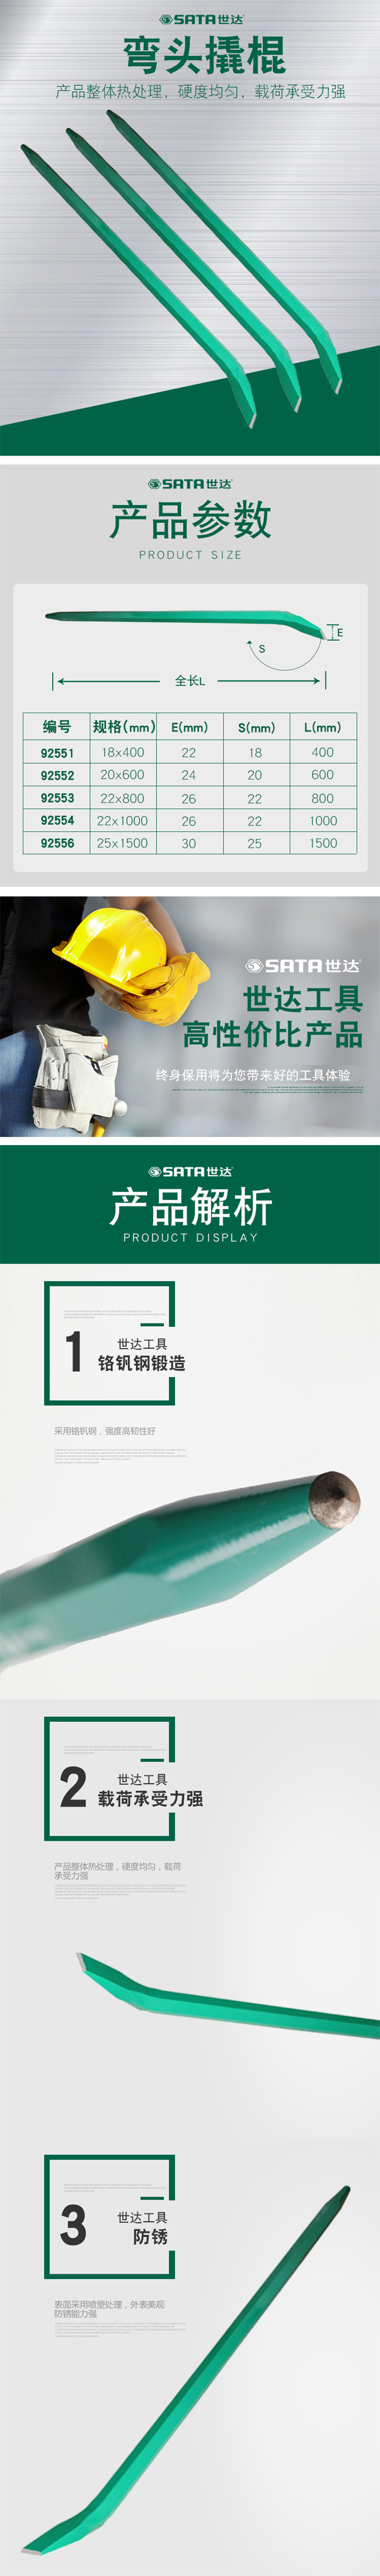 【世达62213】SATA世达工具 A系列一字形螺丝批6x150MM62213【行情 报价 价格 评测】-京东